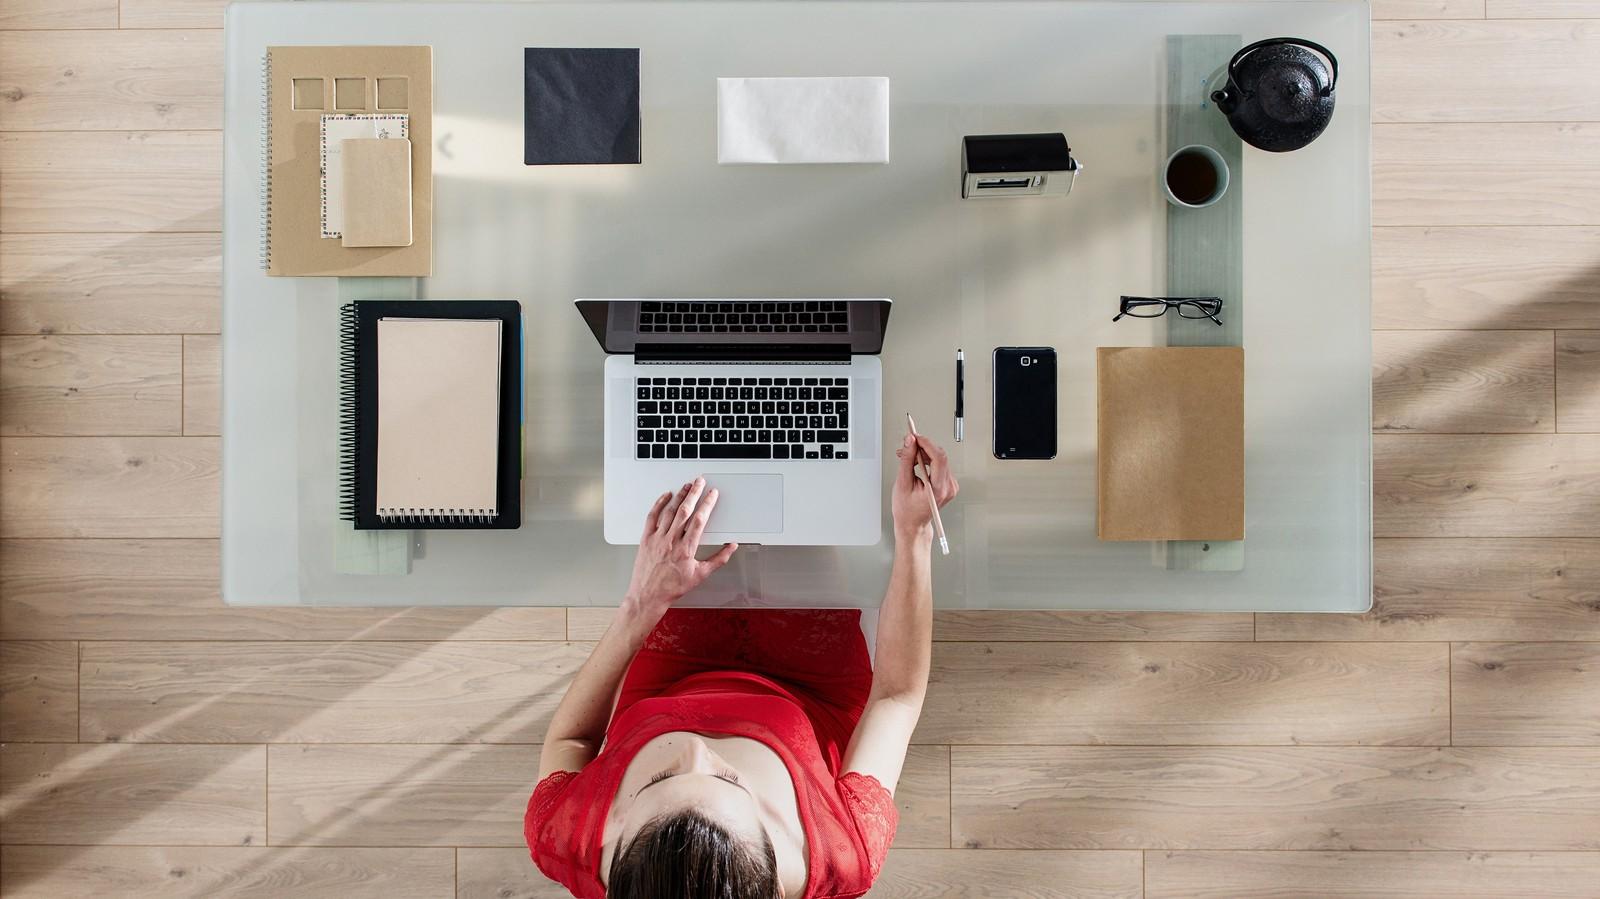 So gut wie dieser Schreibtisch könnte auch Ihr E-Mail-Postfach organisiert sein.